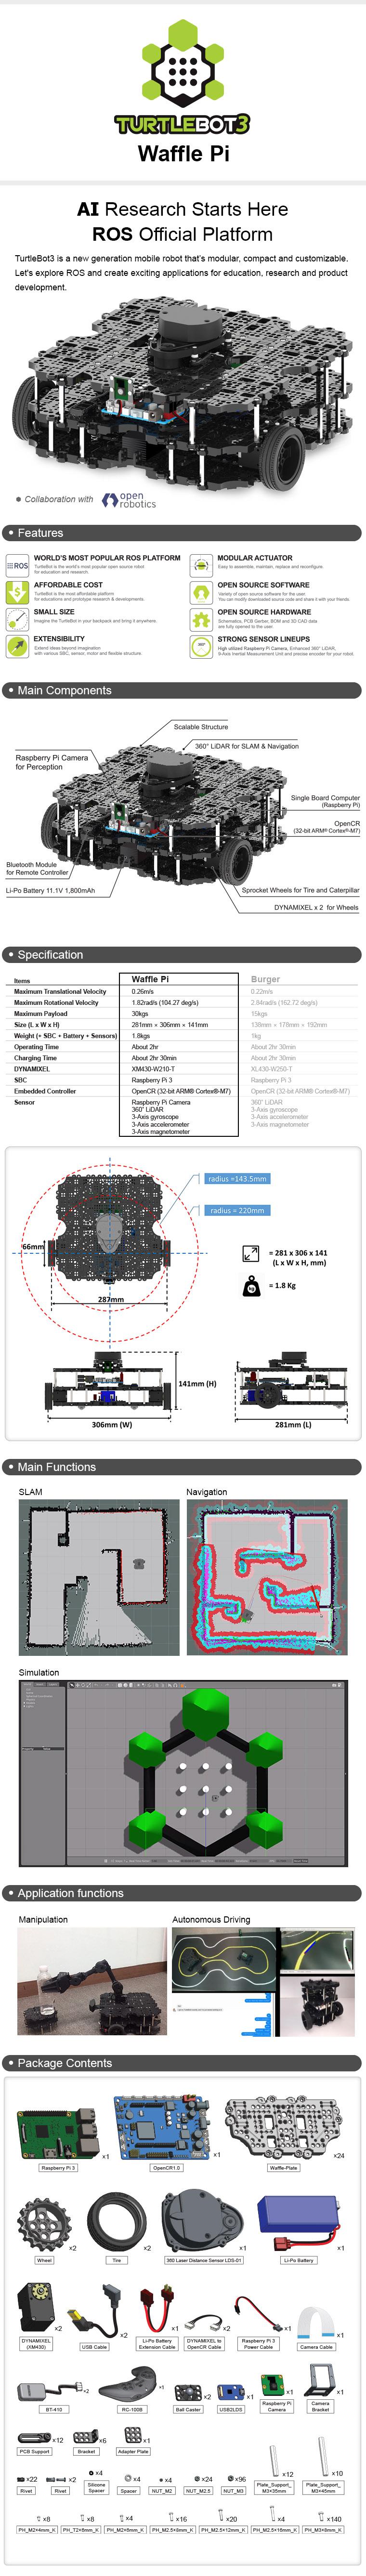 tb3-waffle-pi.jpg